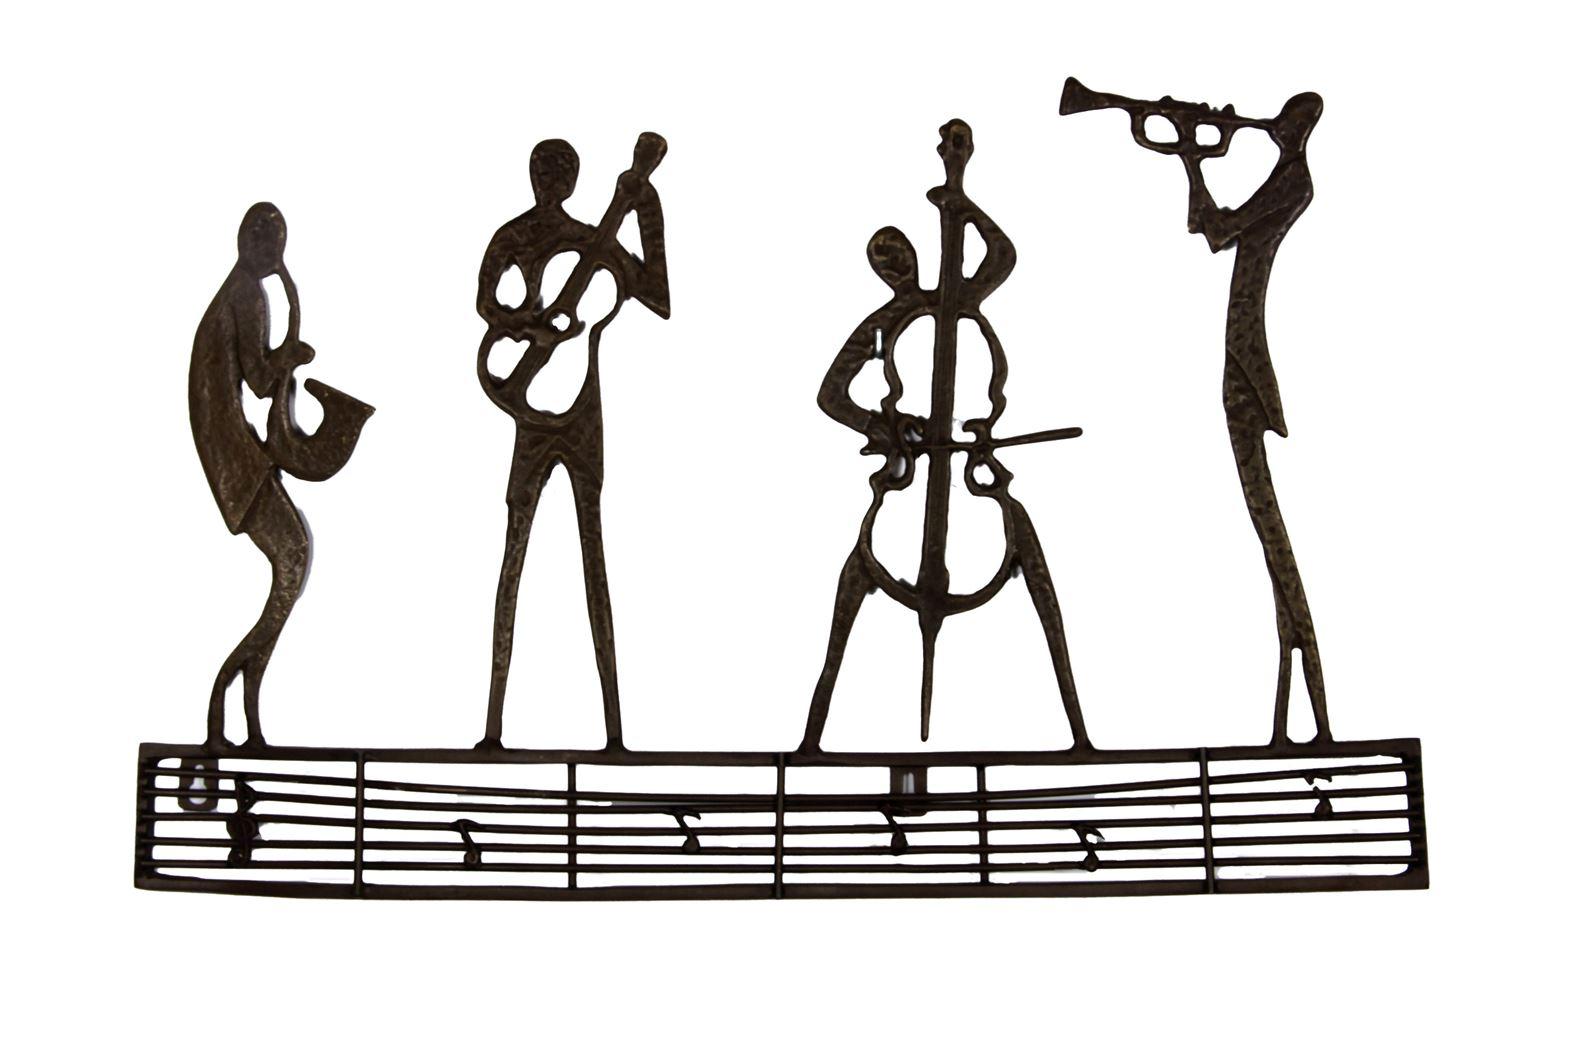 bronzen beeld - muurdecoratie jazz club